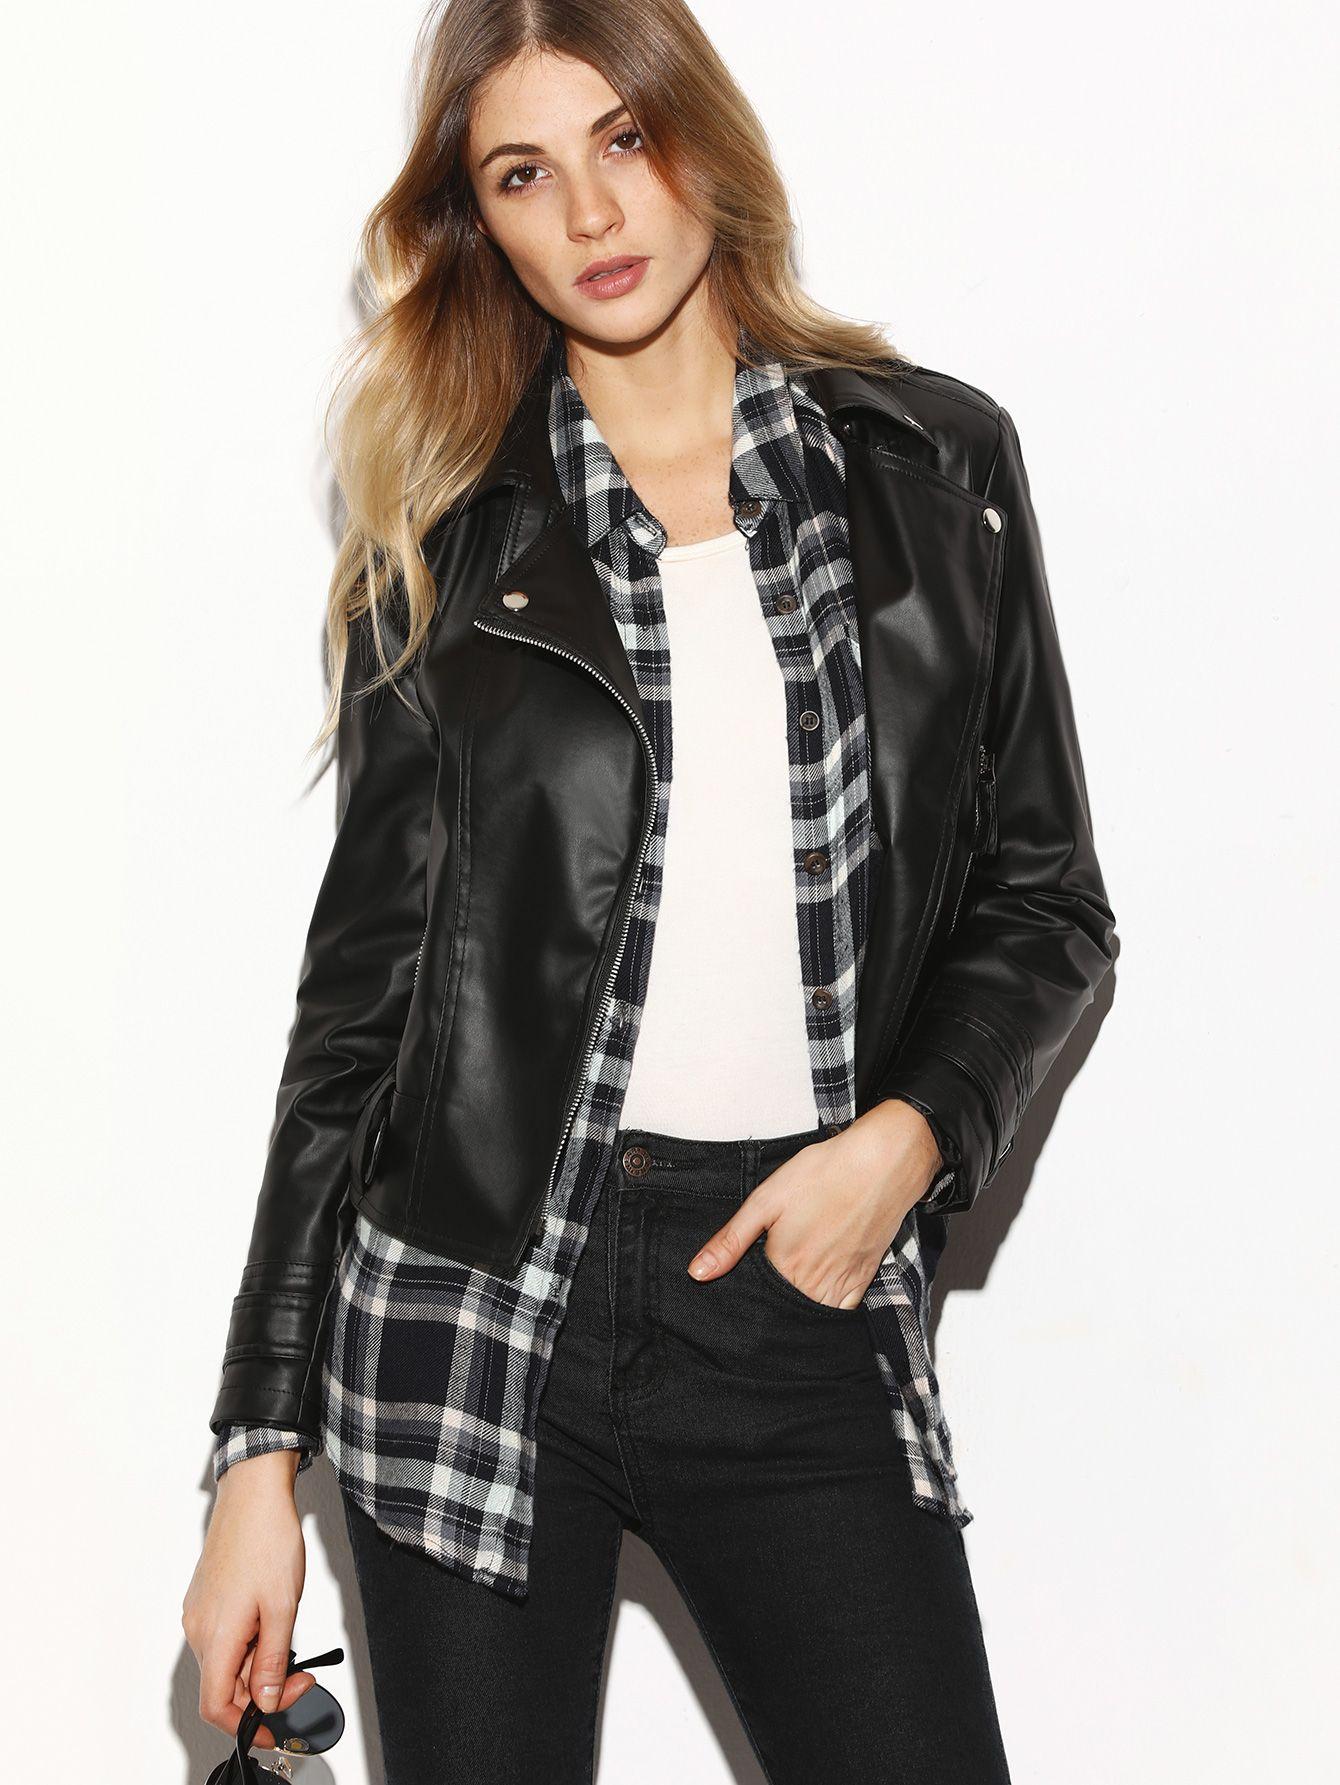 Black Oblique Zipper Faux Leather Jacket (With images